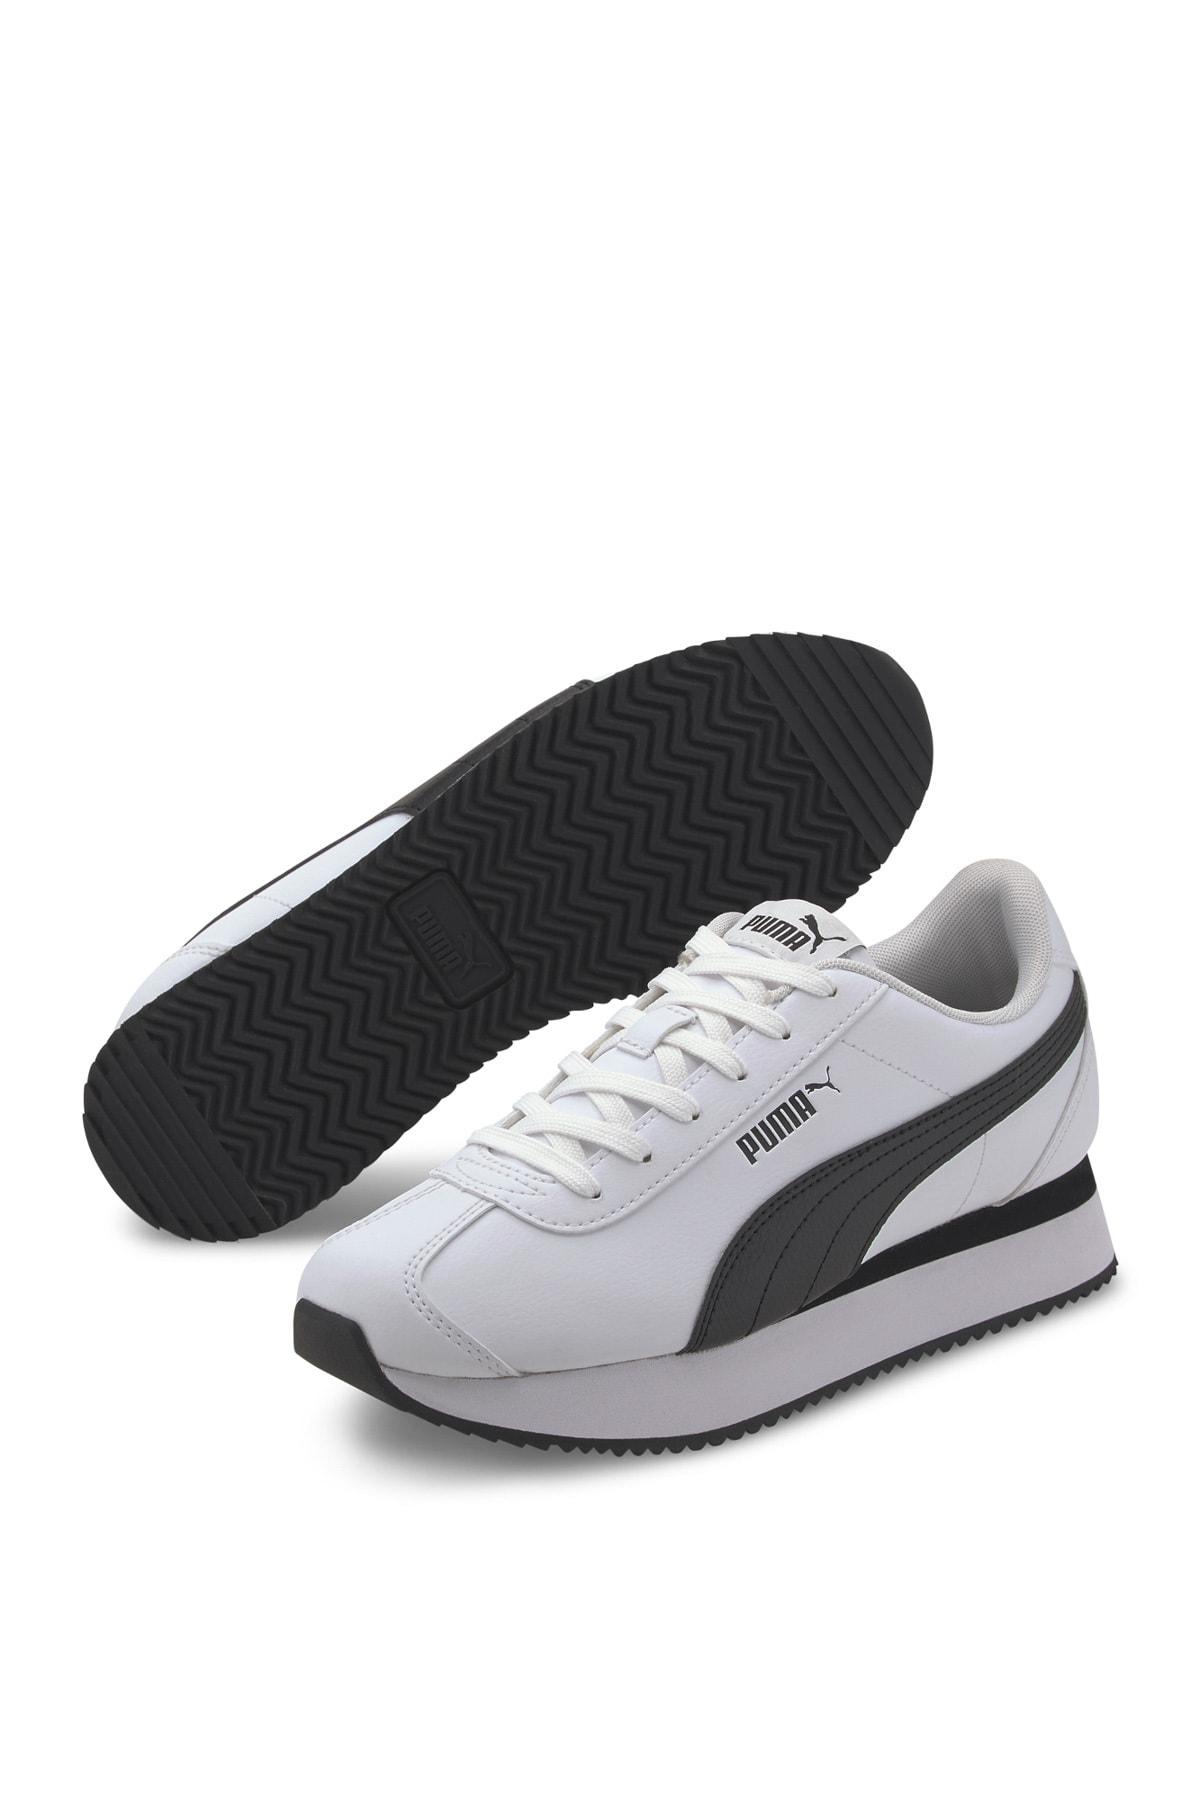 Puma Turino Stacked Kadın Günlük Ayakkabı - 37111508 1